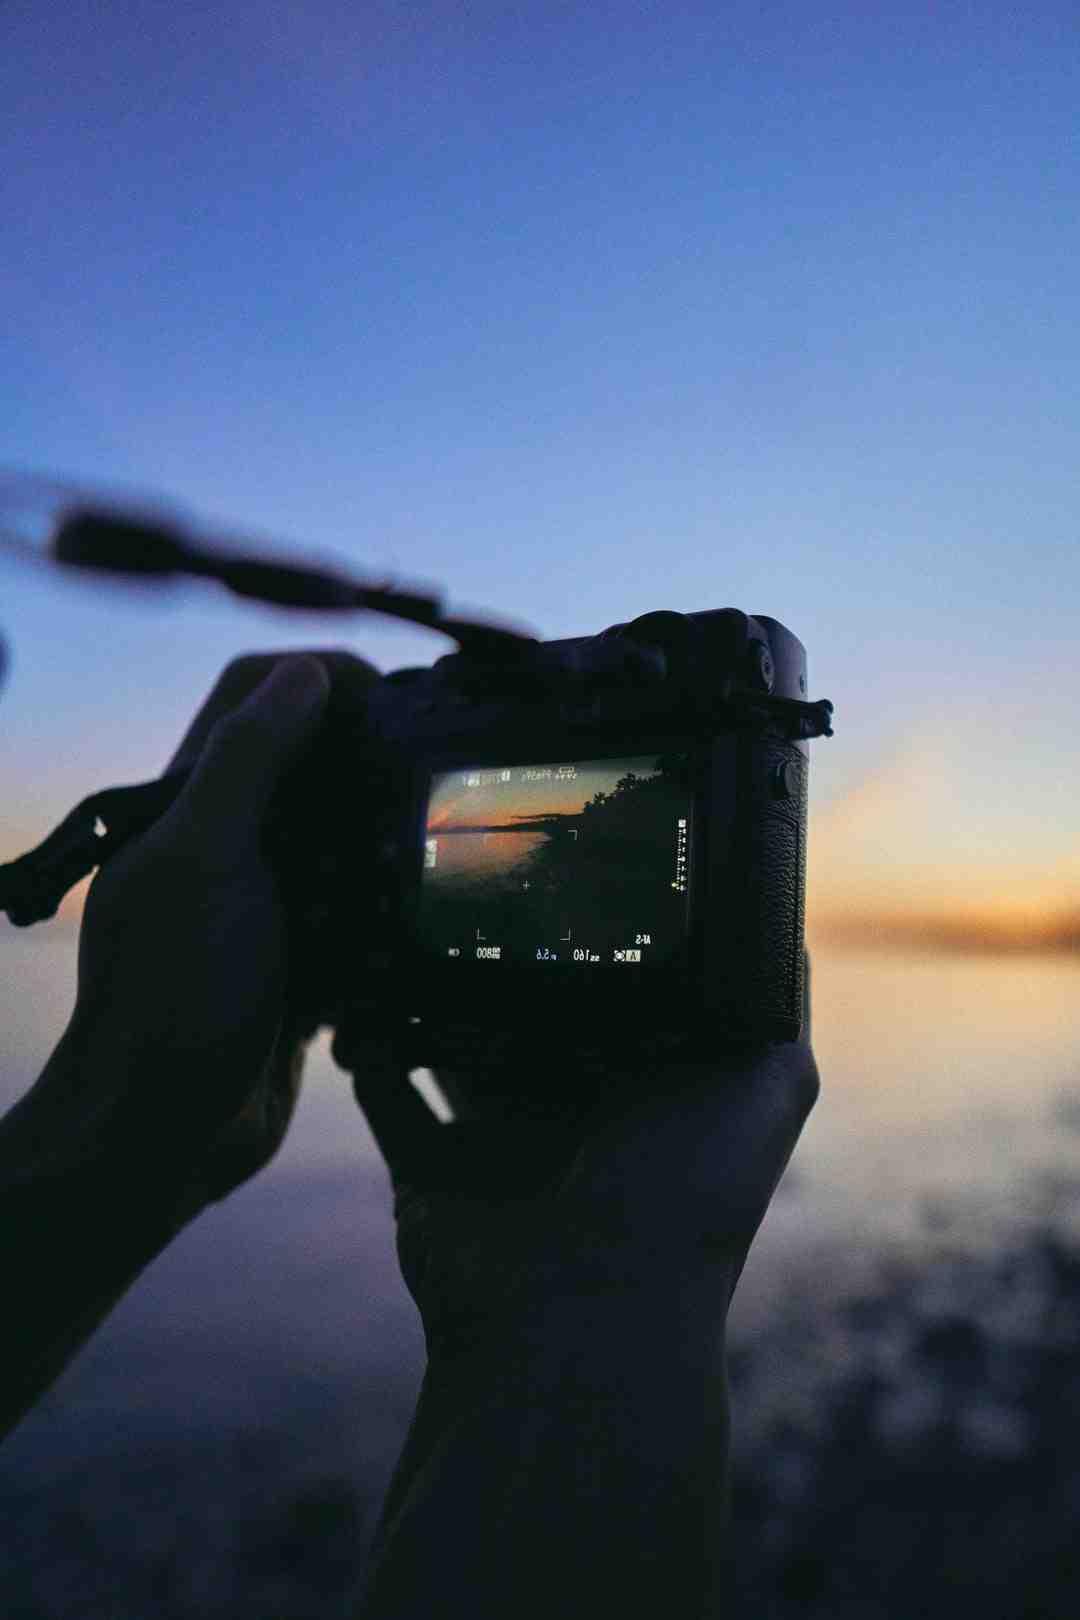 Comment rendre une photo plus nette application ?